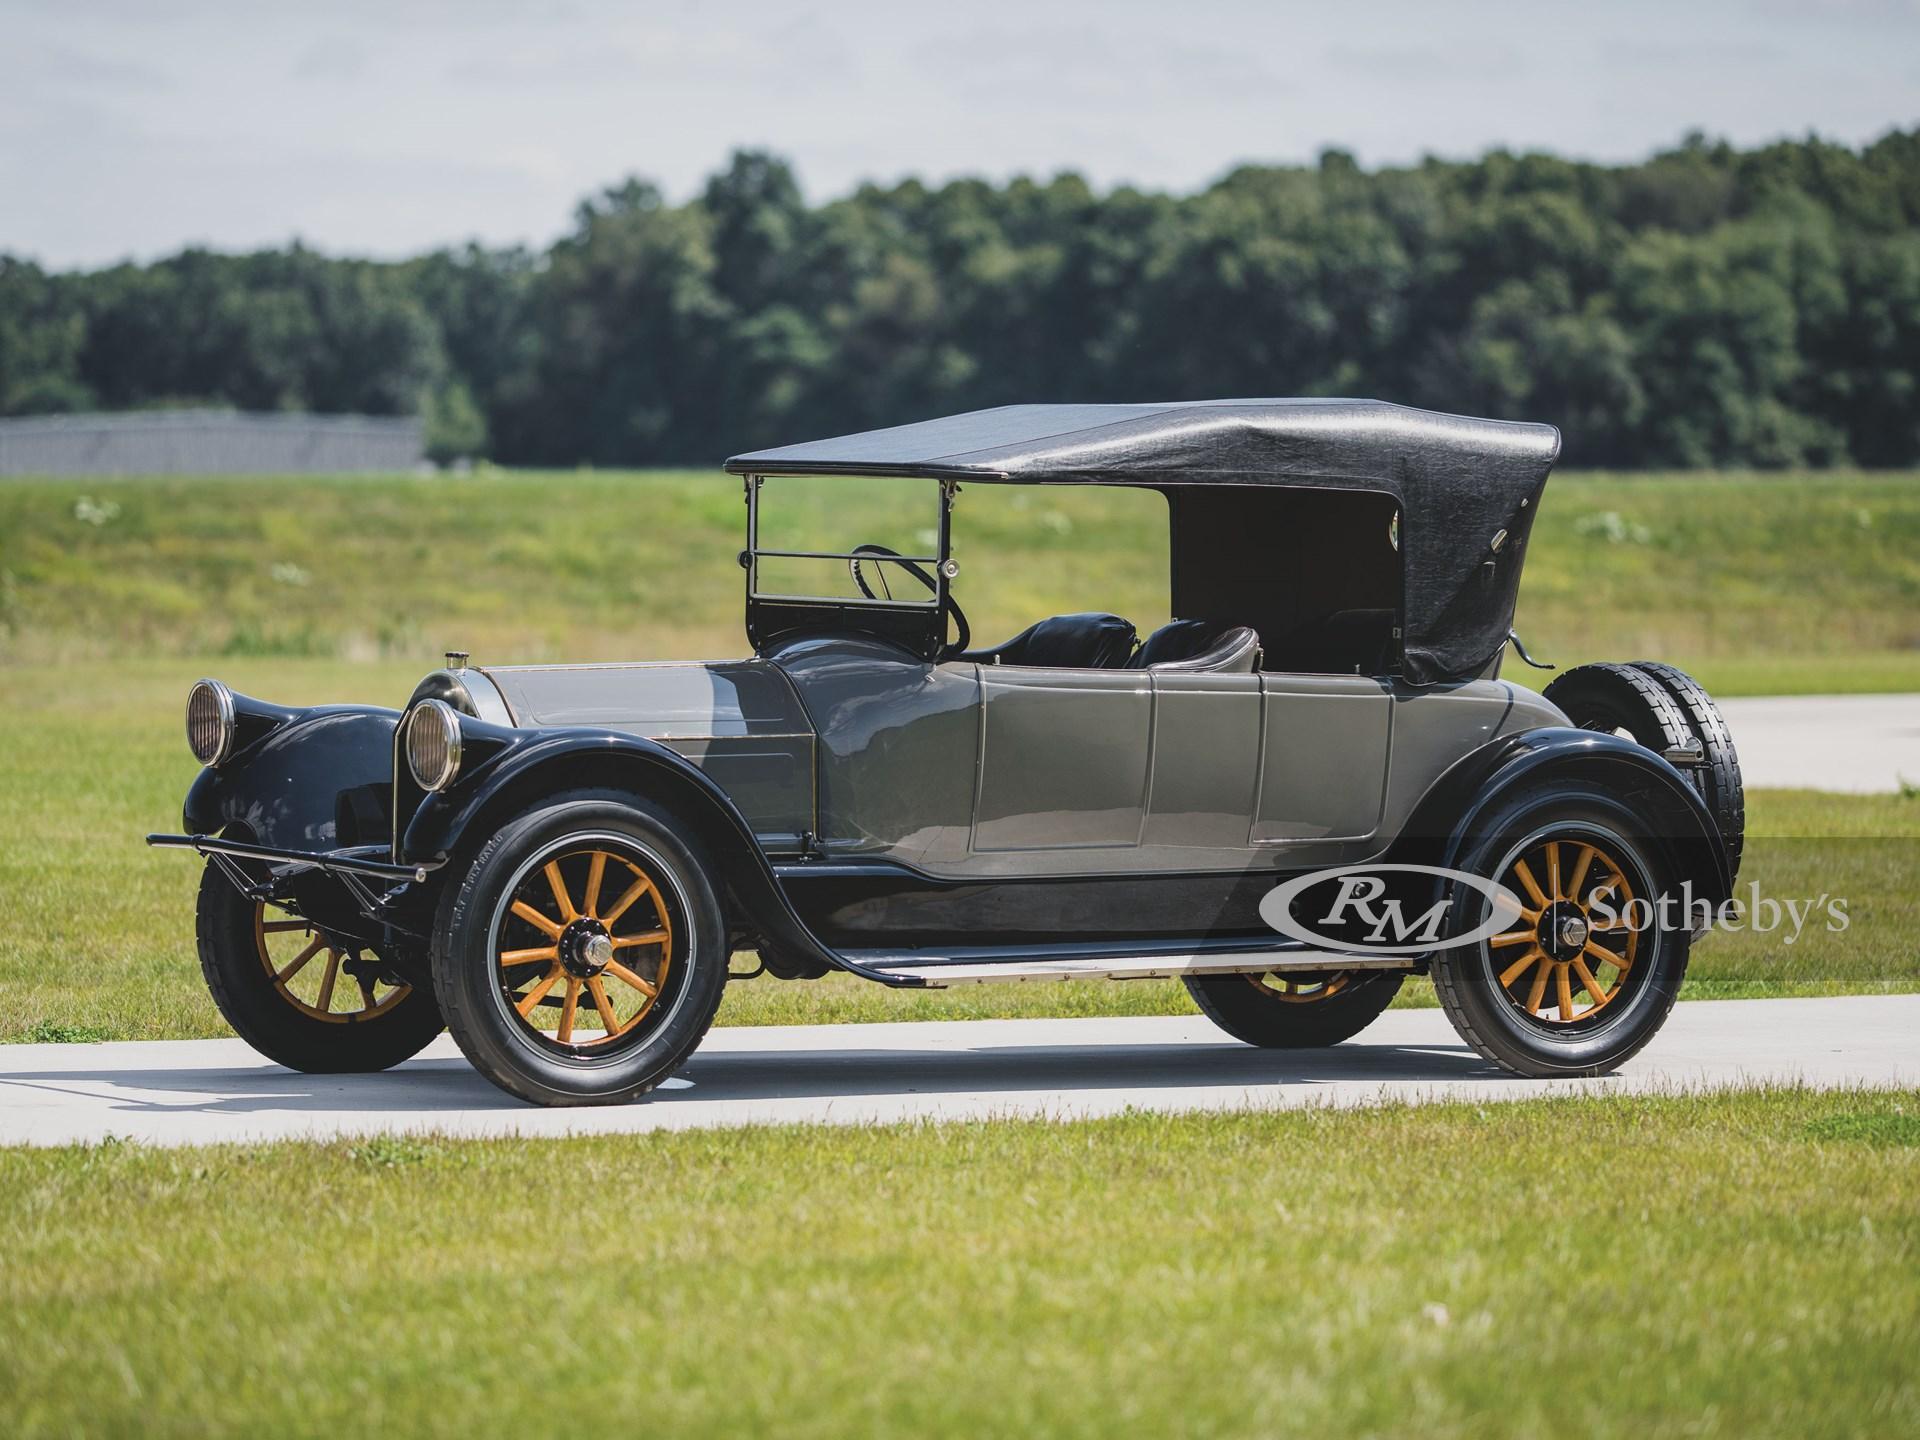 1919 ピアス-アロー シリーズ31 フォー-パッセンジャー ロードスター